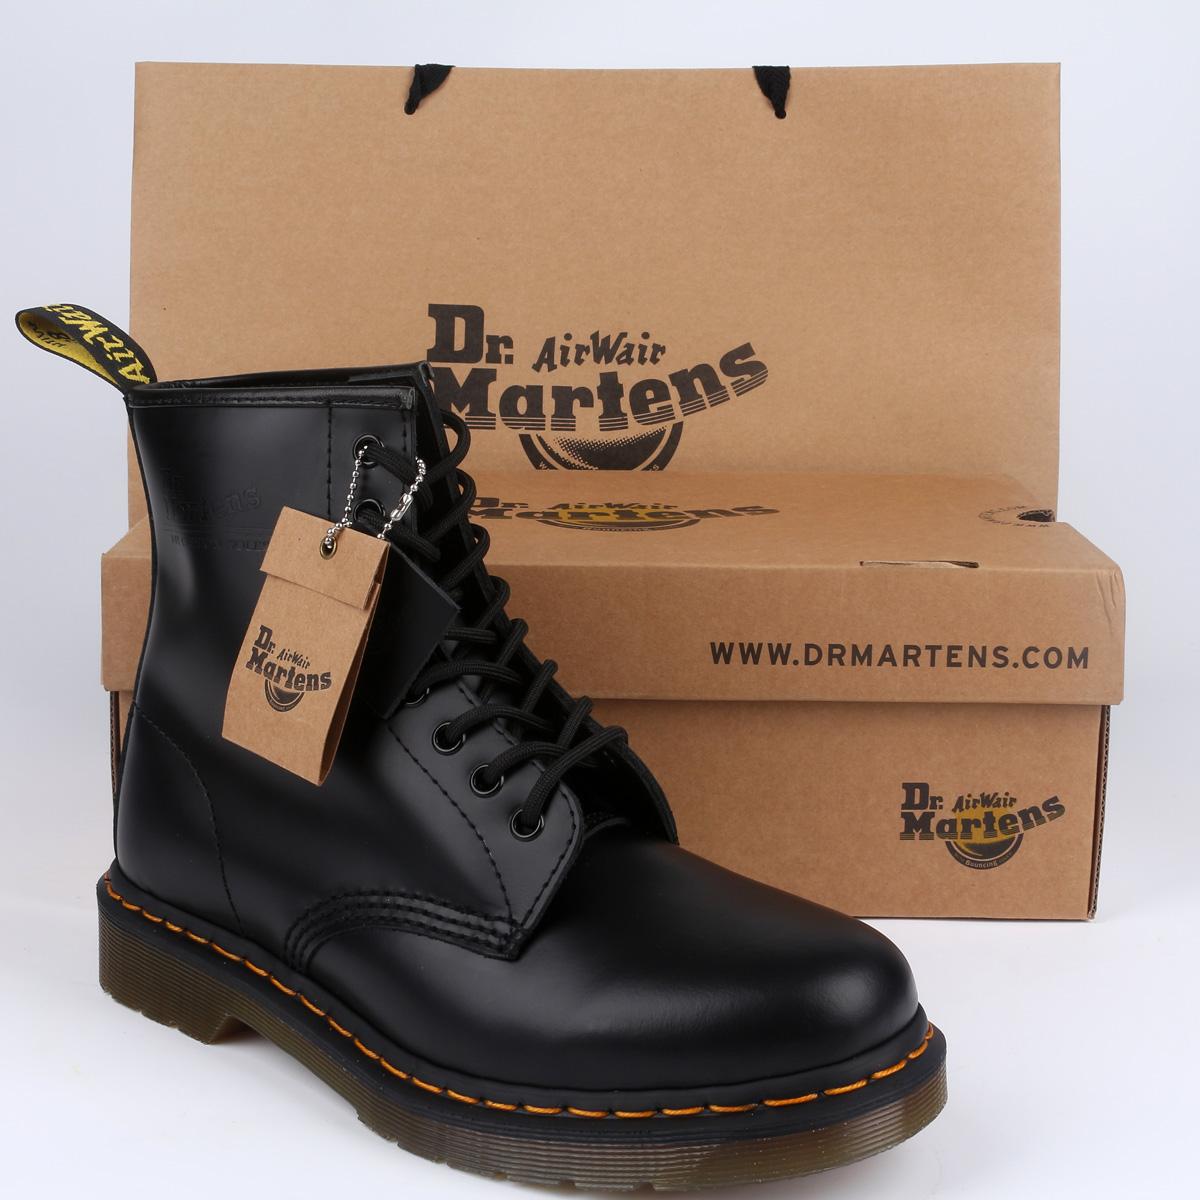 ebe02bc7 Полуботинки Гонконг счетчики аутентичные Dr.Martens 1460 8 отверстие Мартин  высокие сапоги Мужские ботинки Ботинки